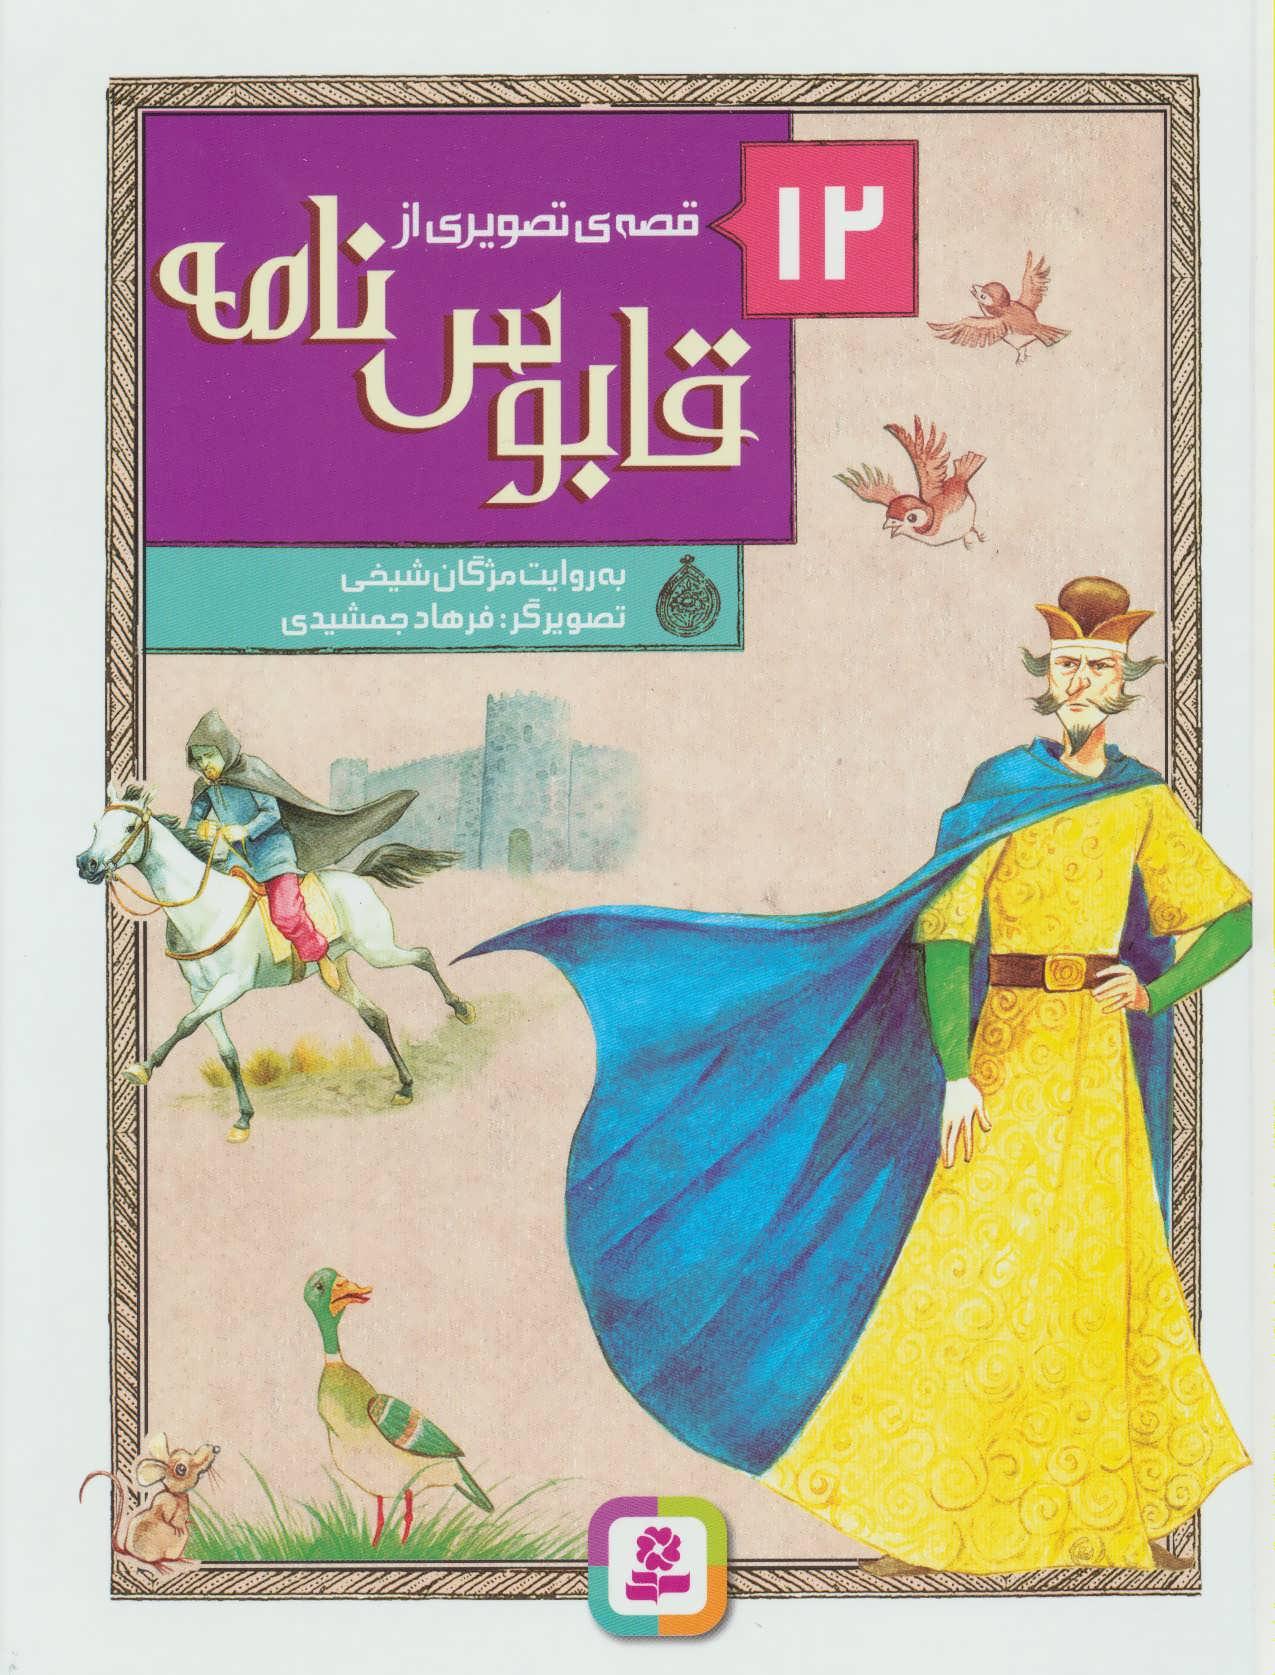 12 قصه ي تصويري از قابوس نامه (گلاسه)